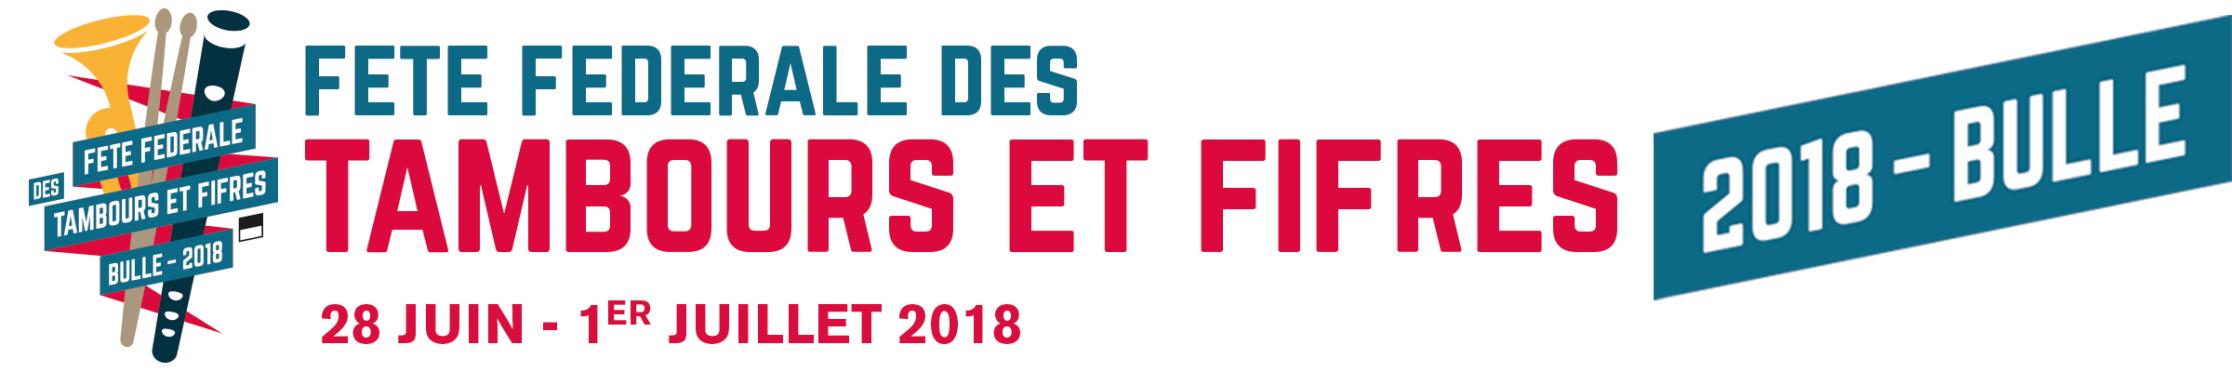 Fête Fédérale des Tambours et Fifres - Bulle 2018